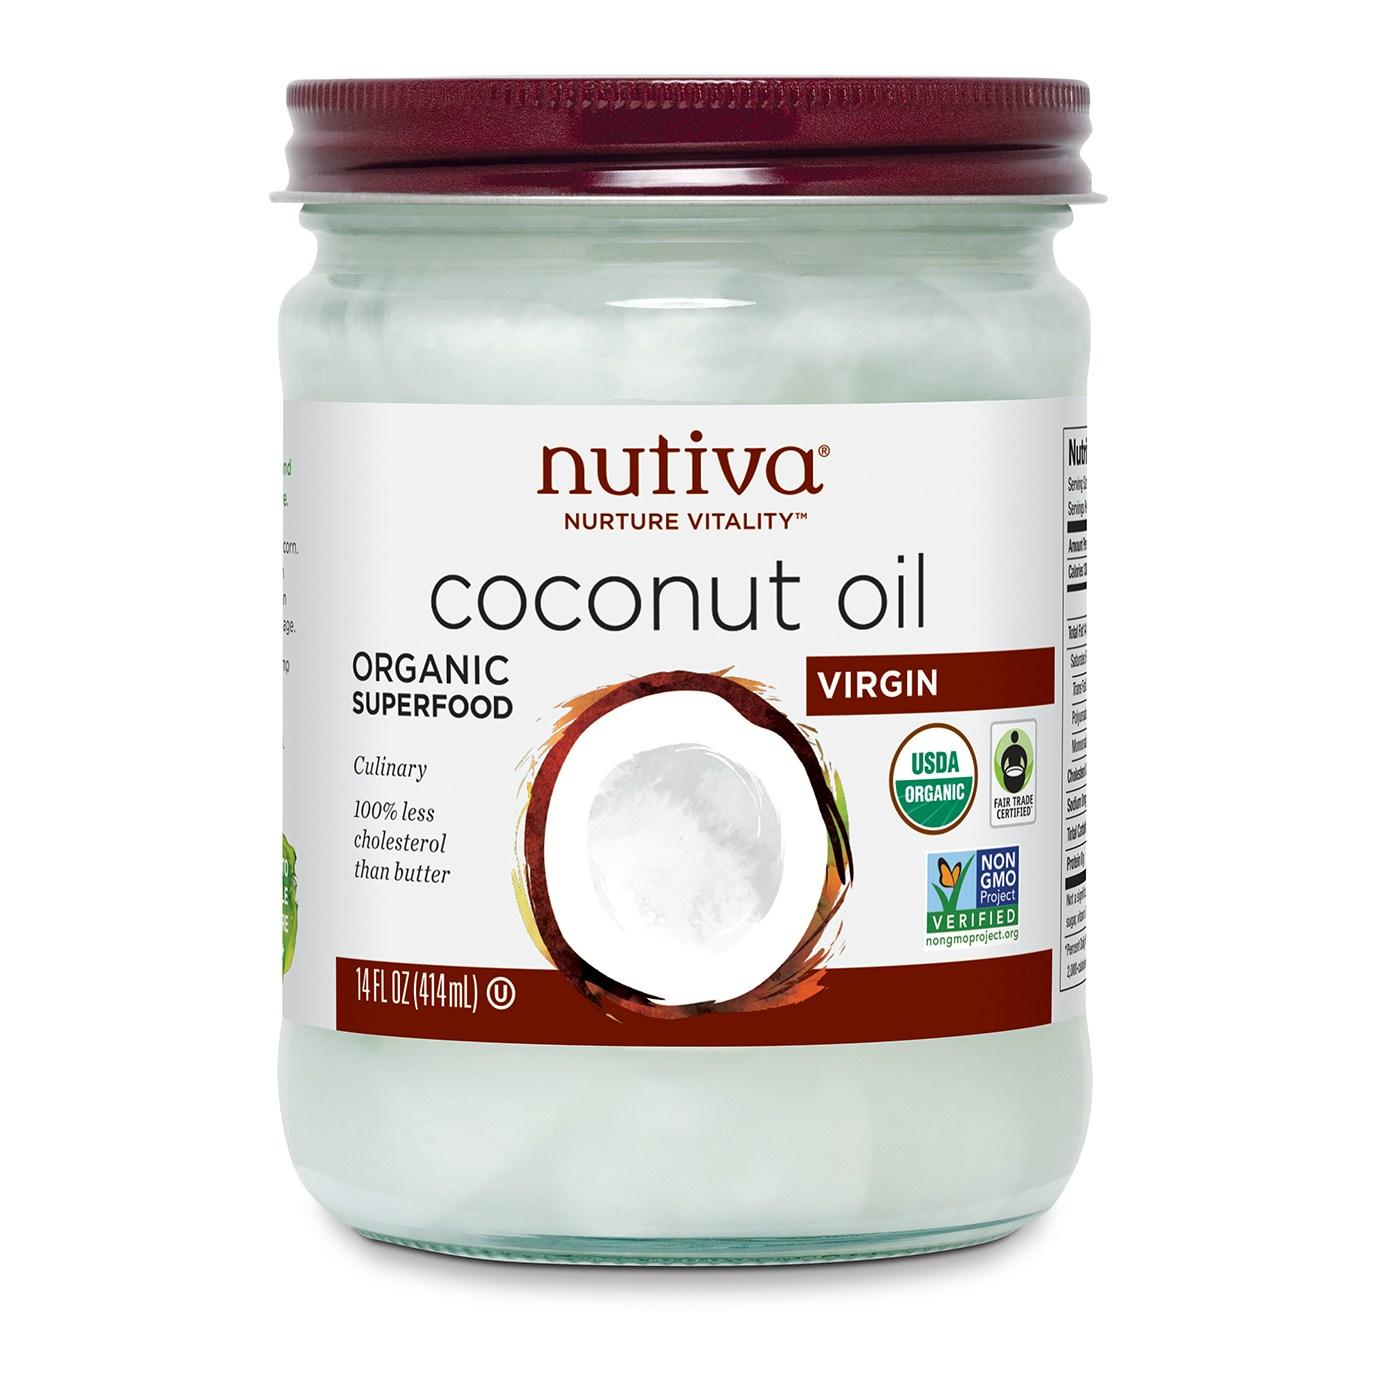 누티바 코코넛 오일 버진, 414ml, 1개